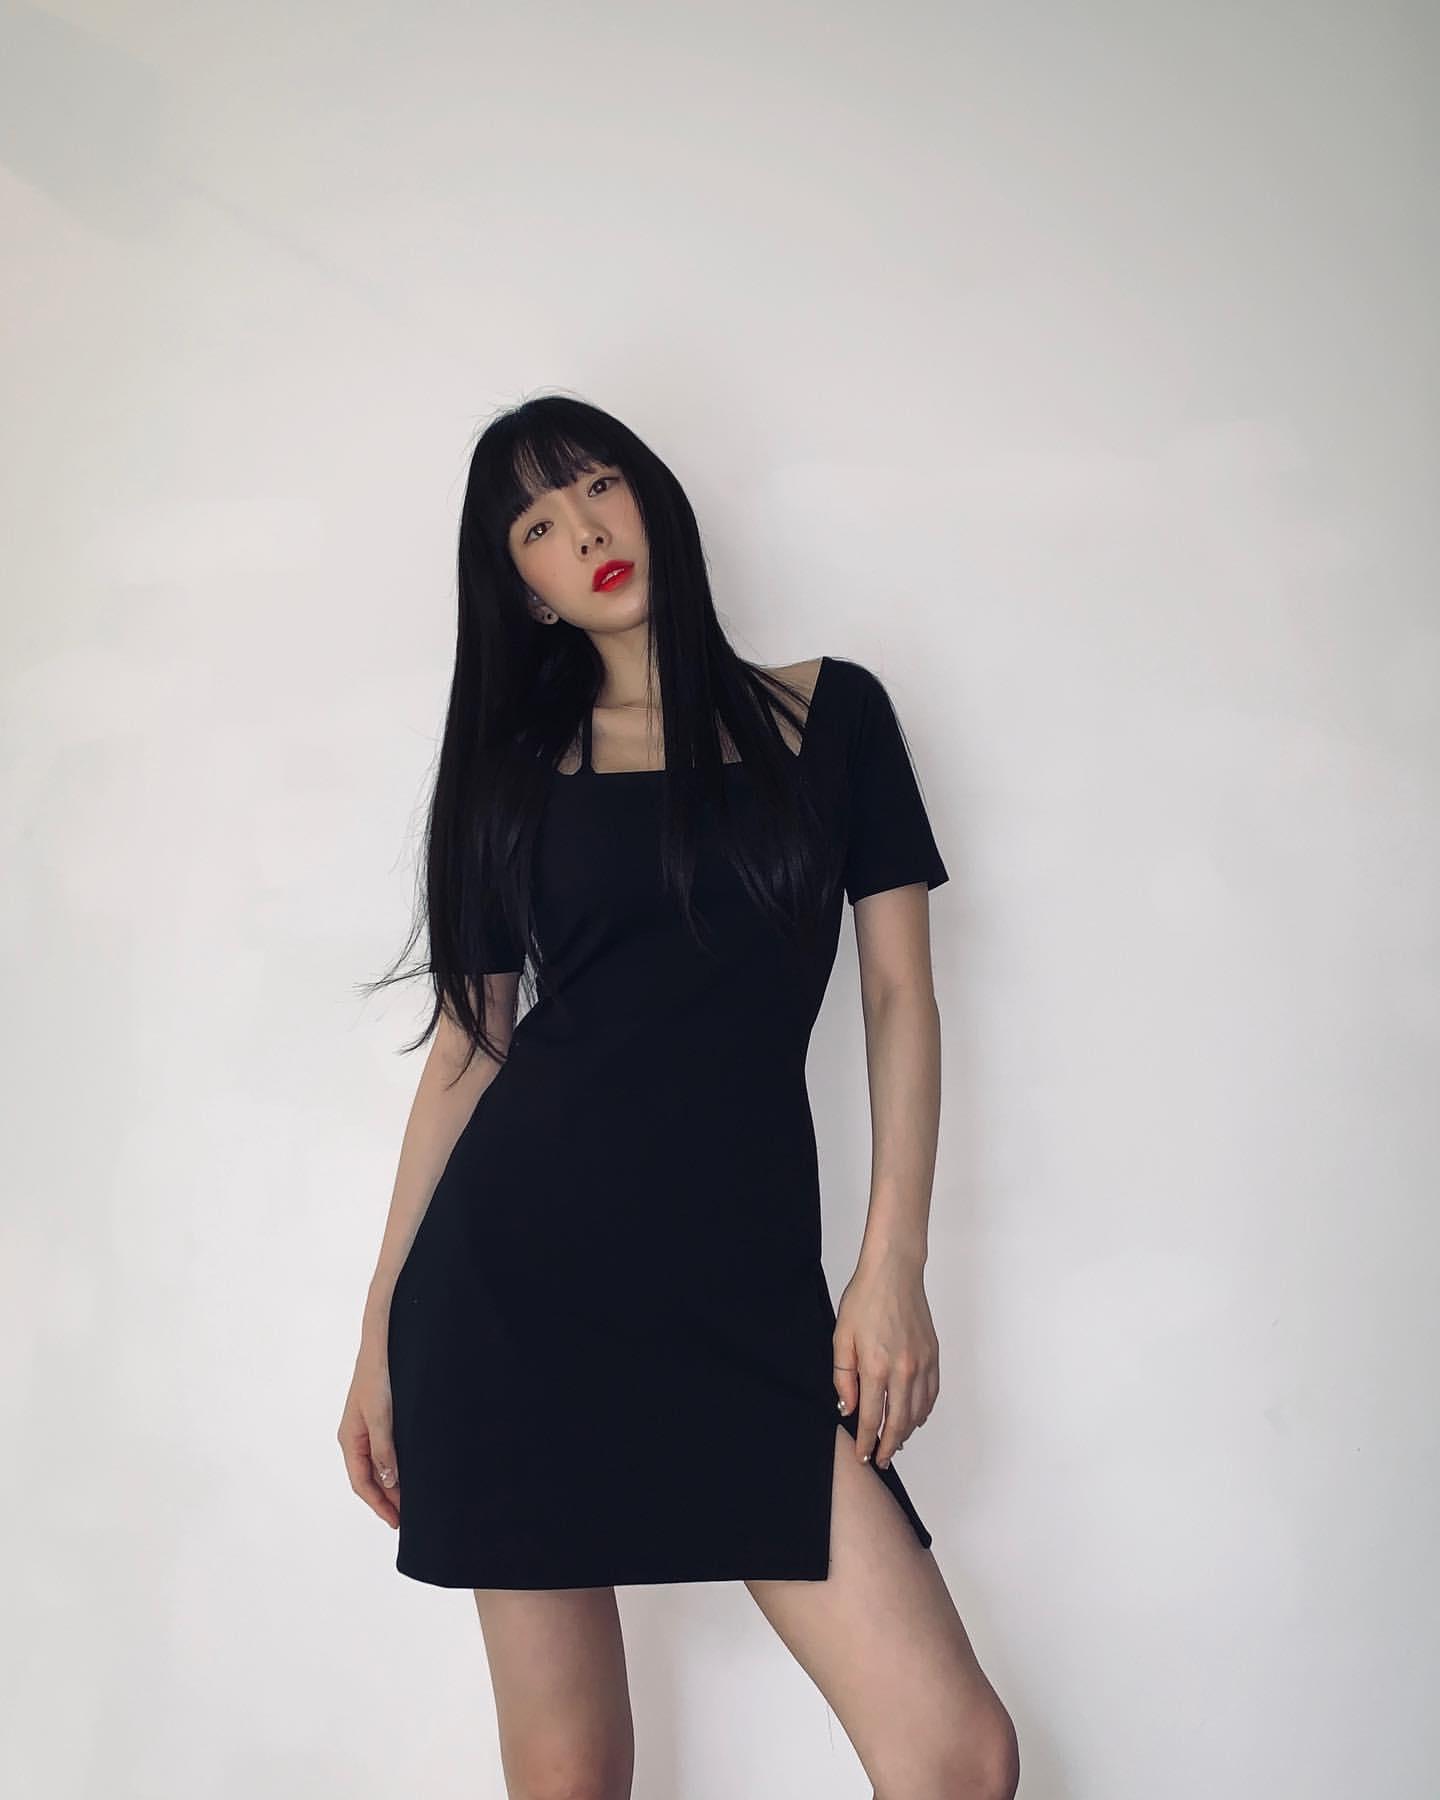 소녀시대 어제 옷 맞춘거 올블랙에 레드립이네   인스티즈